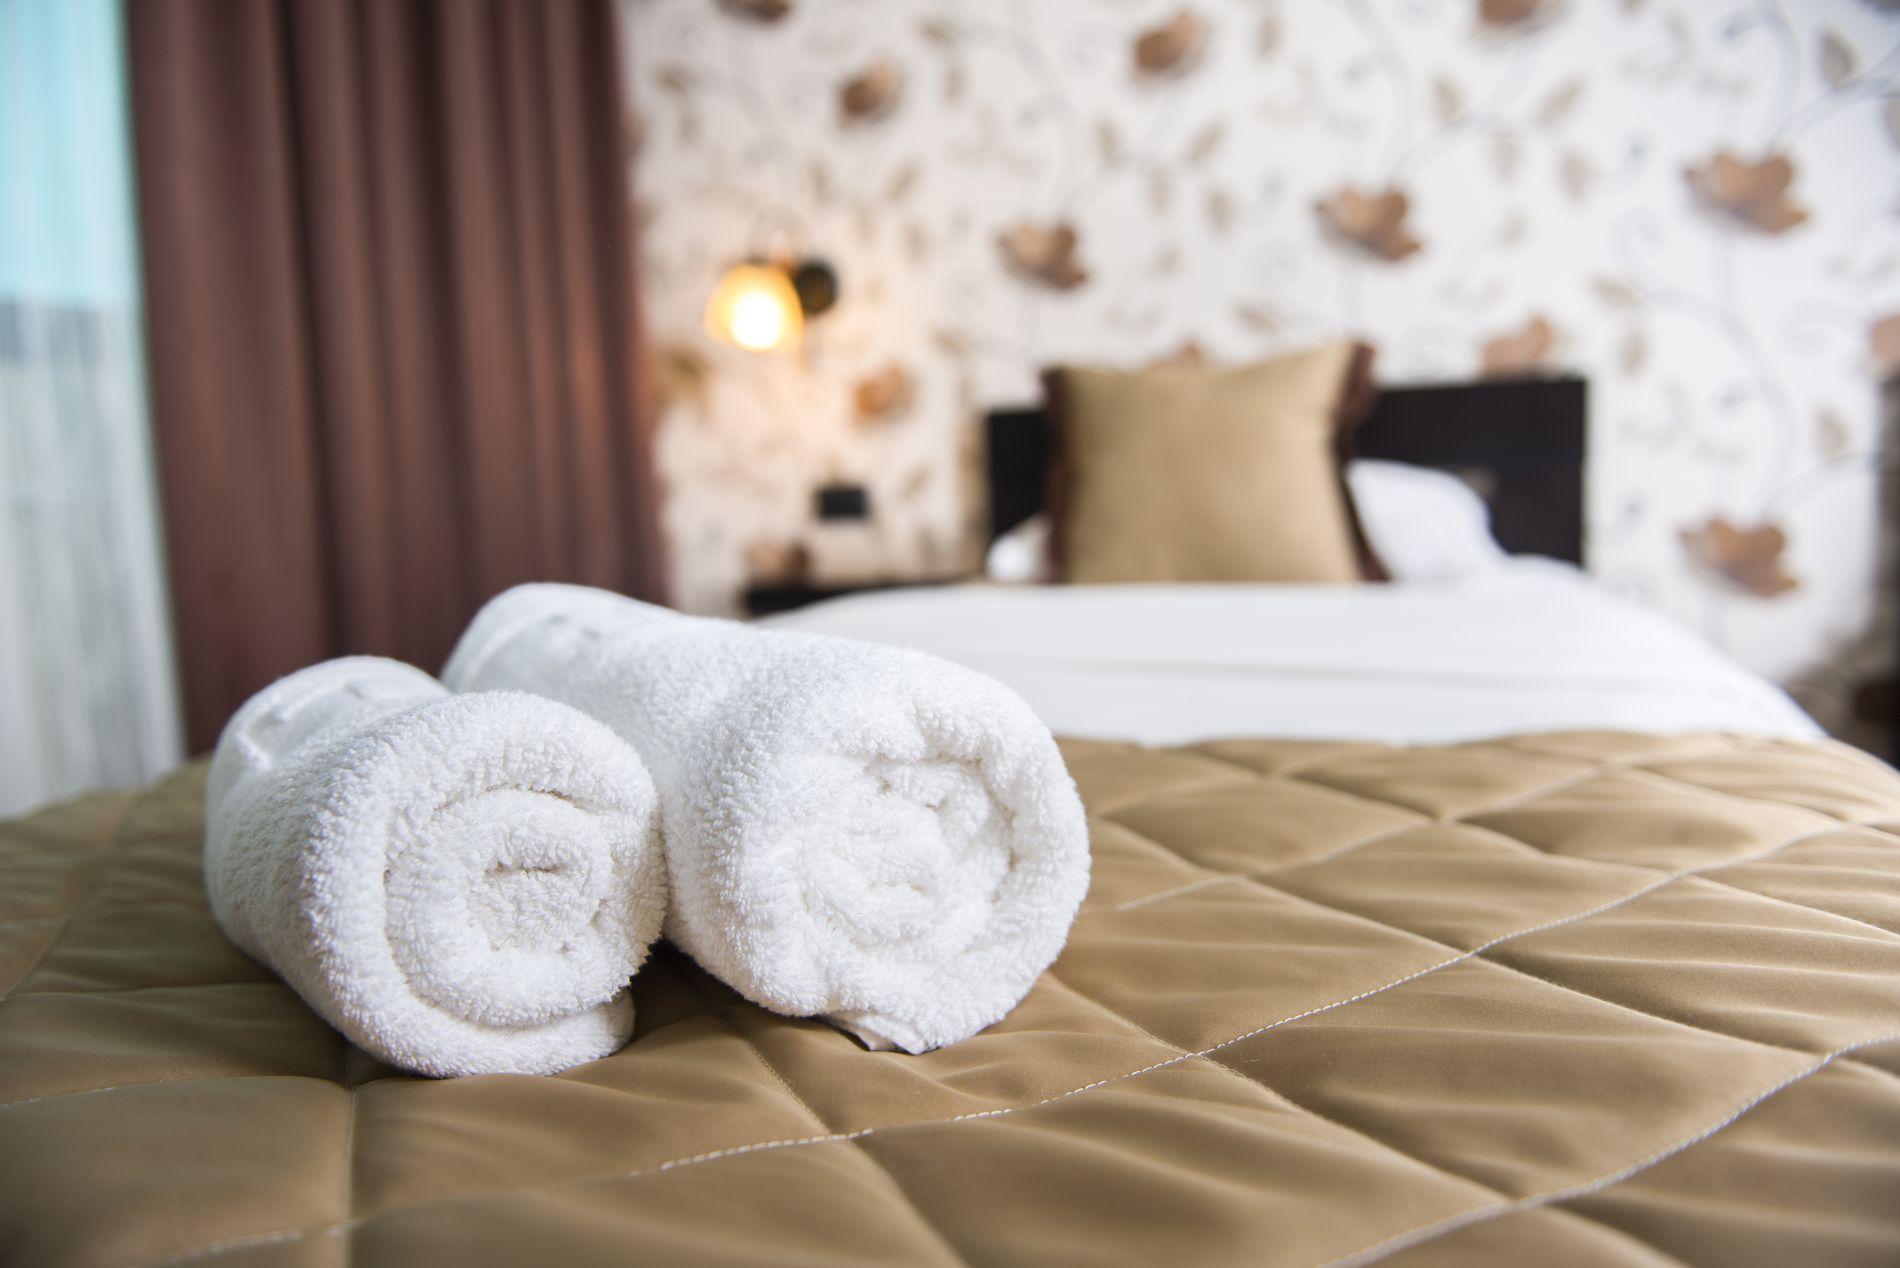 UTE PÅ ANBUD: Hotellkjeden De Bergenske er ekskludert fra å delta i flere offentlige tilbudskonkurranser, Det burde vært unødvendig at relativt små aktører må kjempe for å i det hele tatt få lov til å levere et tilbud, skriver innsenderne.